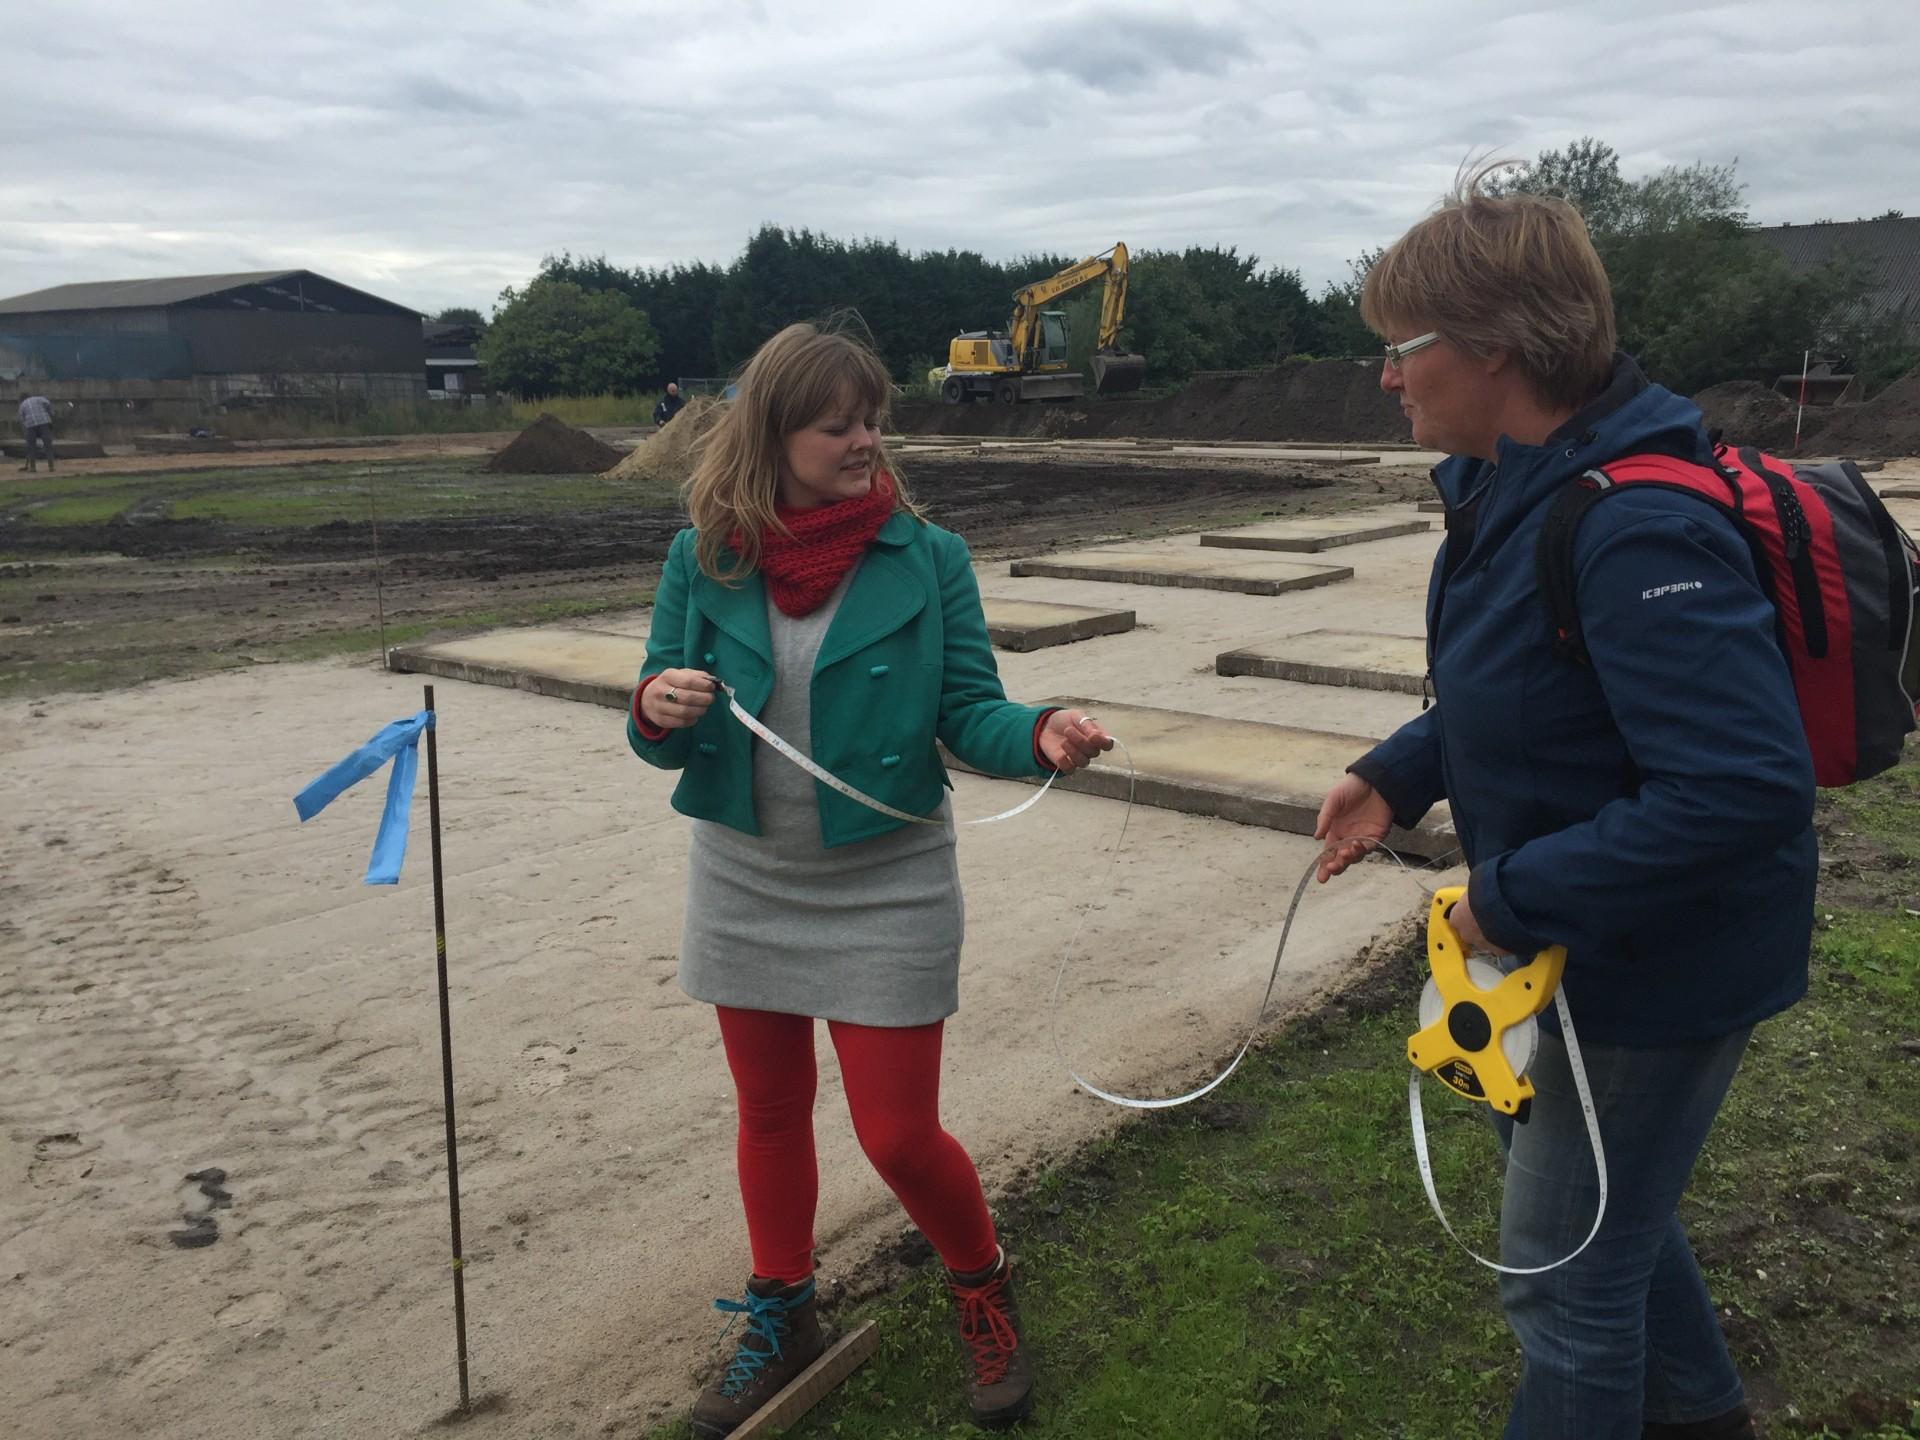 Twee vrijwilligers meten de oppervlakte van het dorp om een avonturentuin te maken